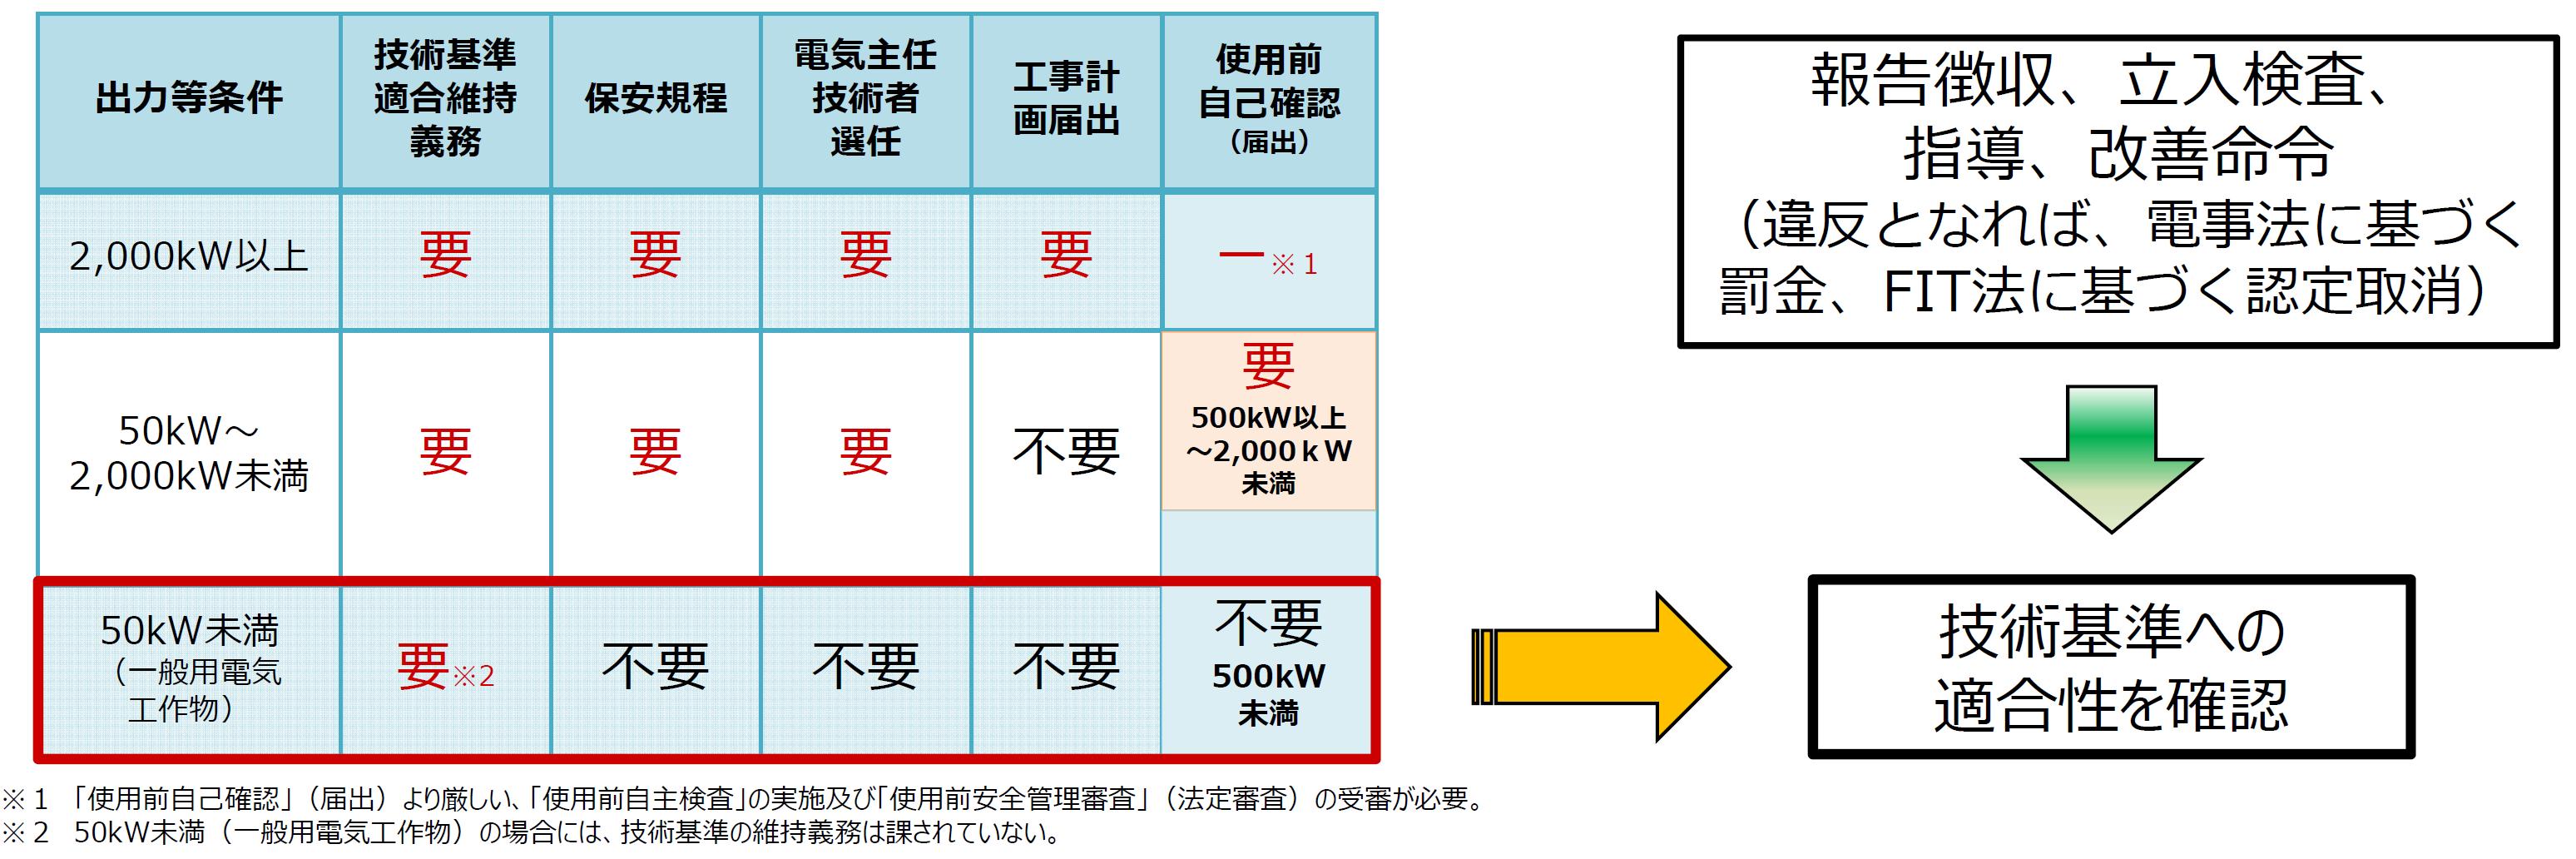 出力などの条件別に規程を示した表です。